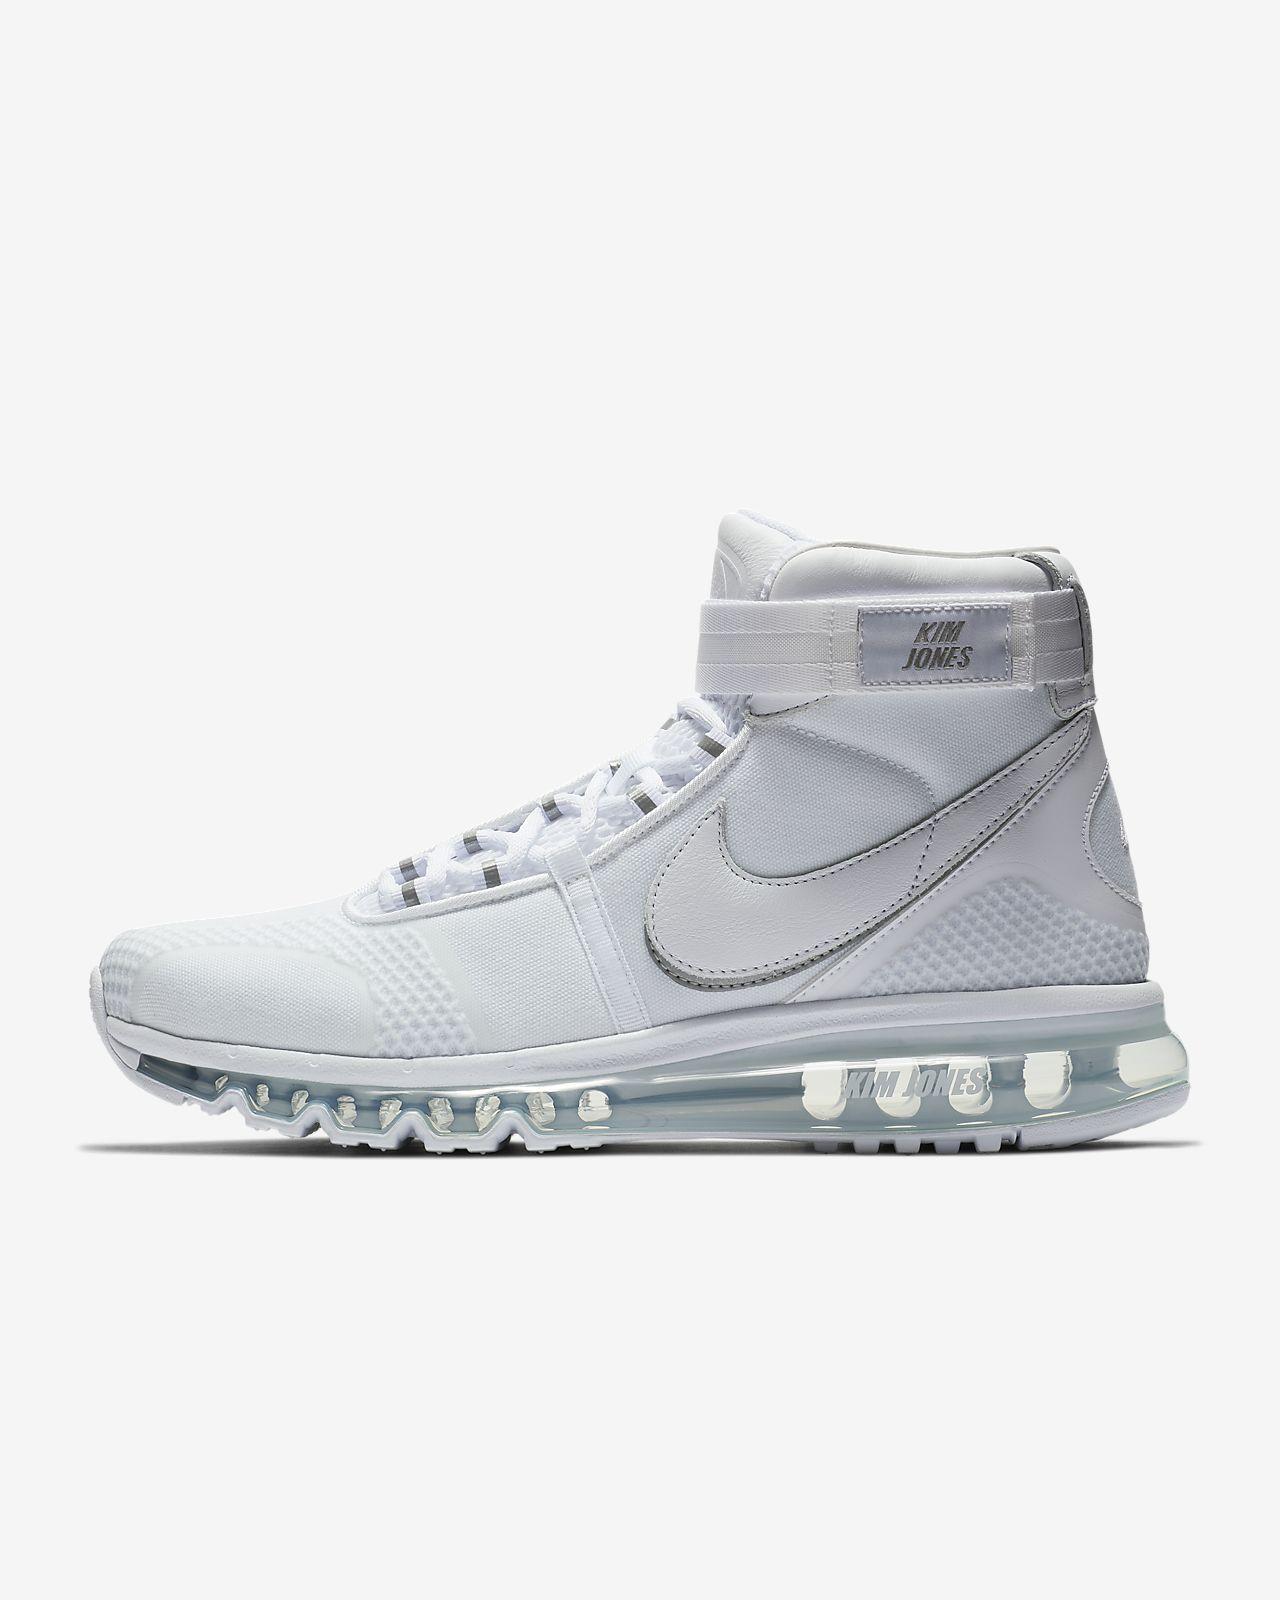 Chaussure Nike x Kim Jones Air Max 360 High pour Homme